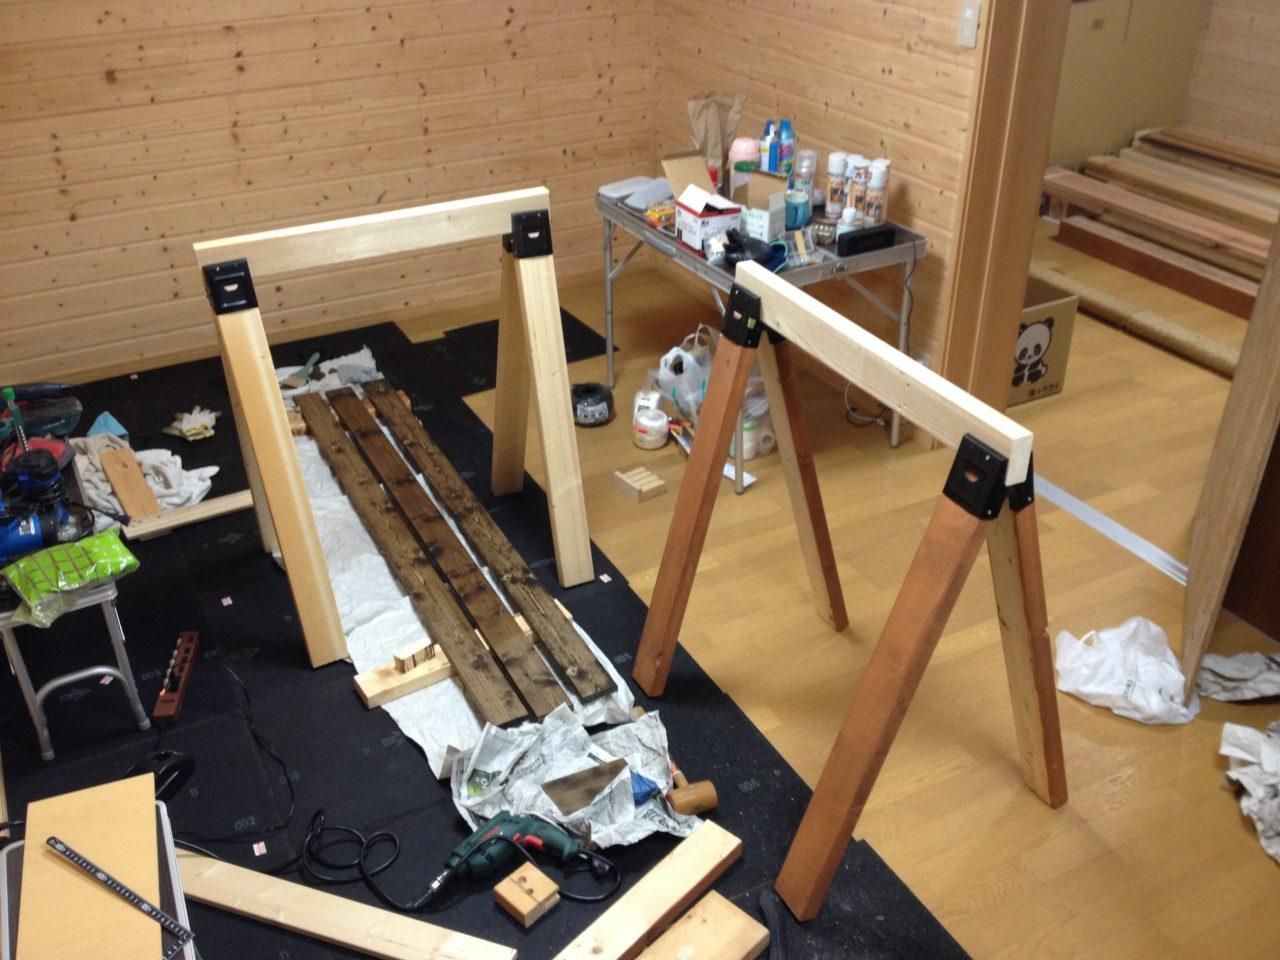 ソーホースブラケットの作業台